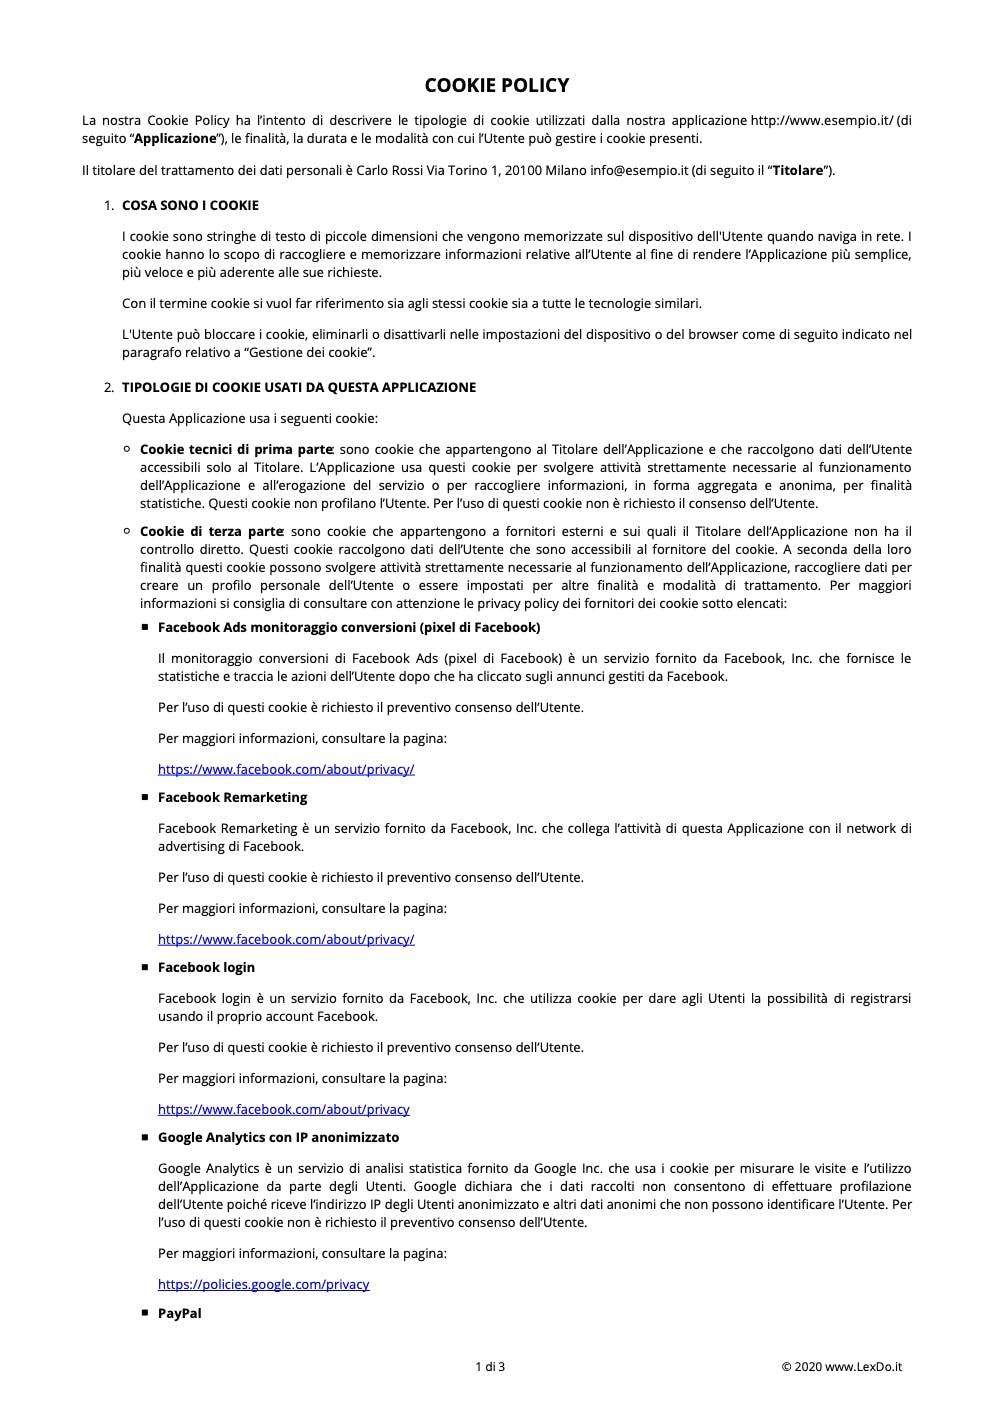 Cookie Policy Sito Web modello